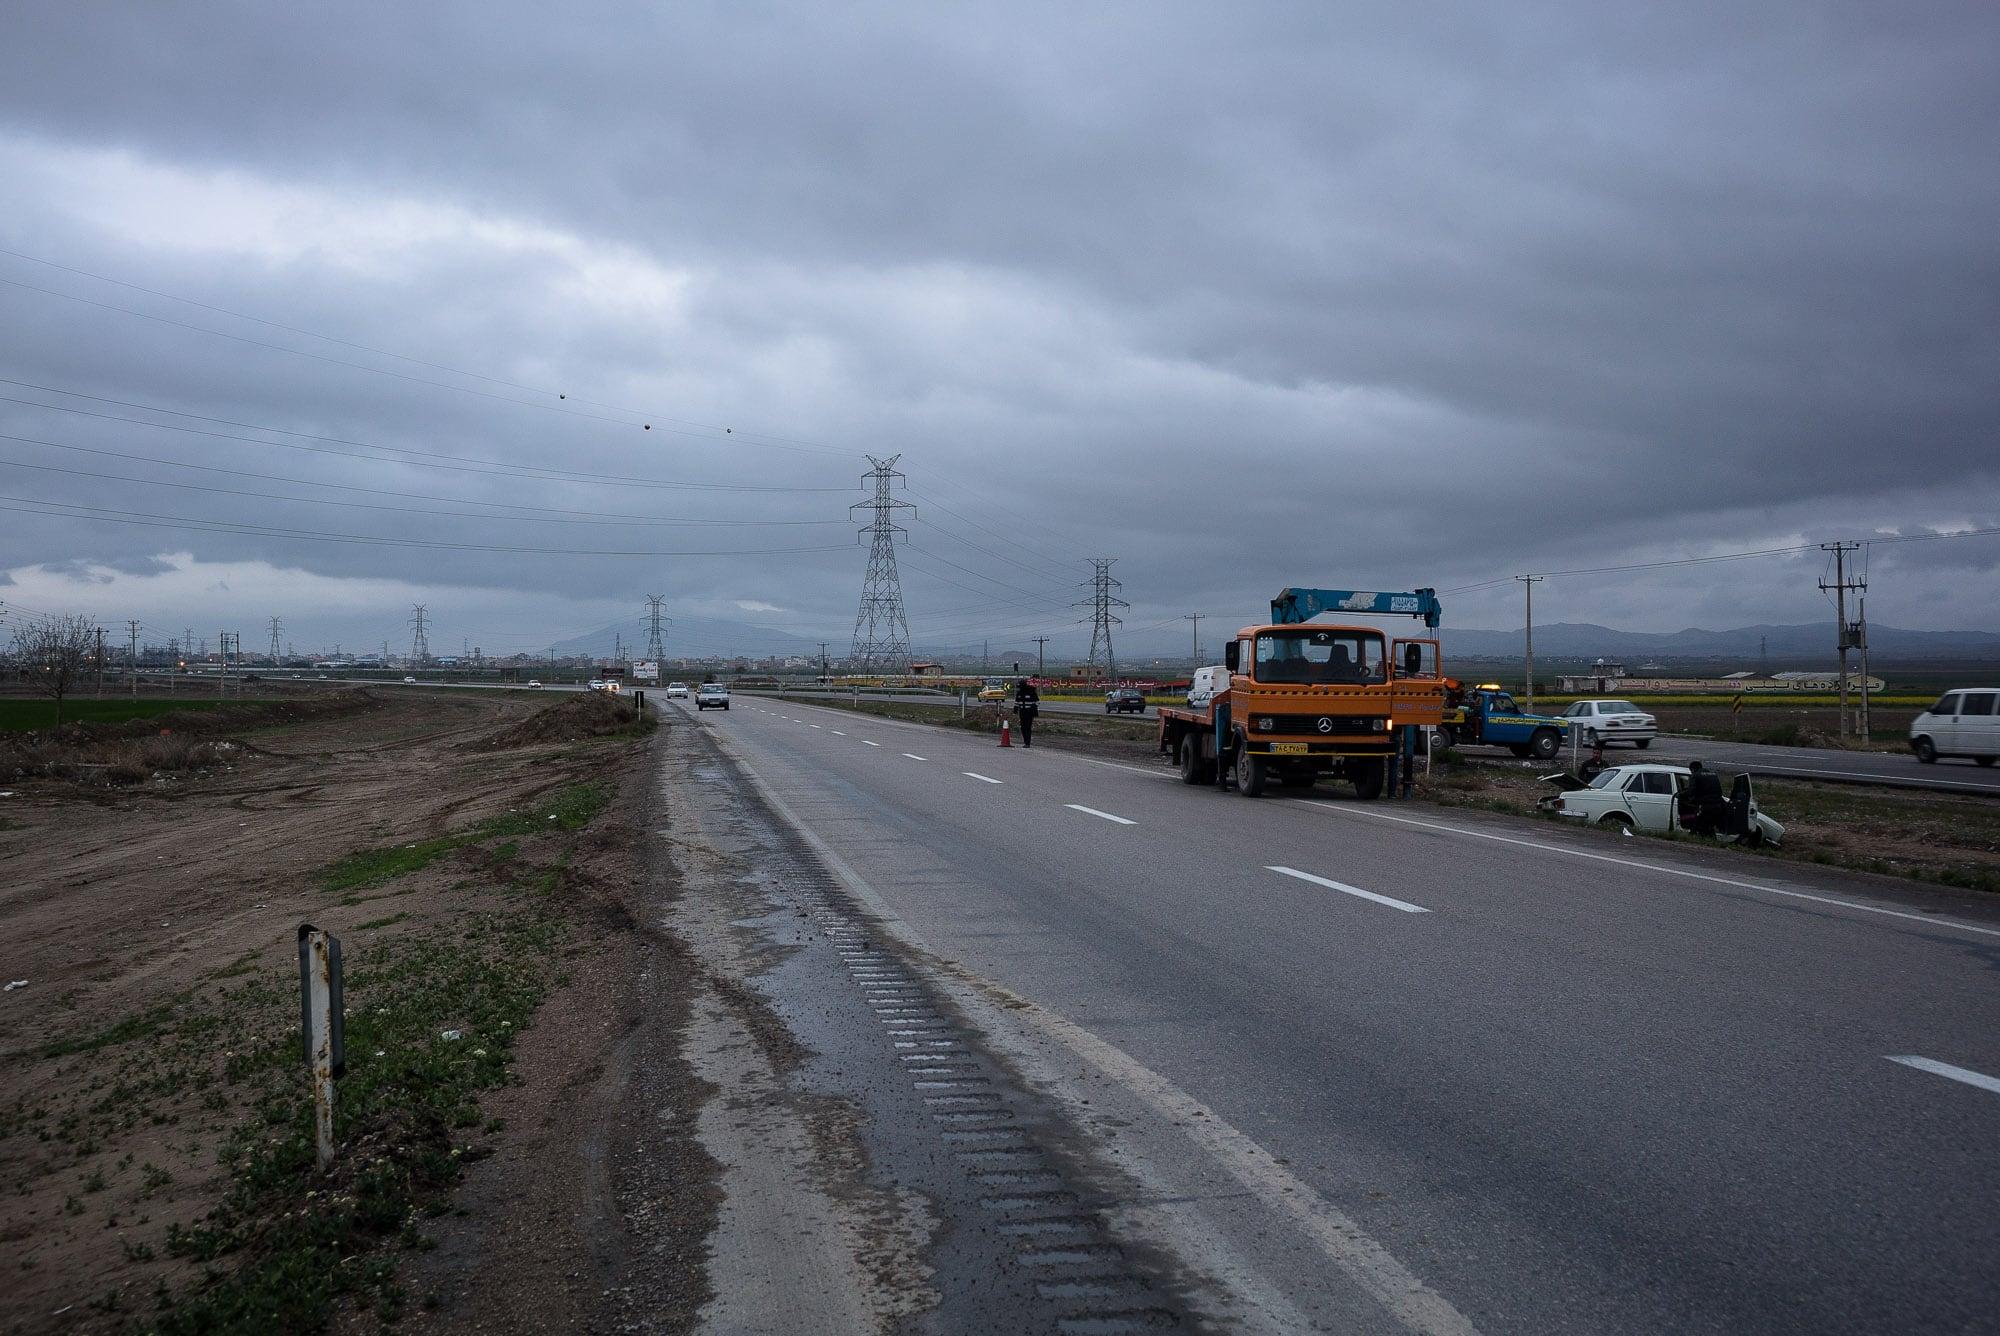 accident site